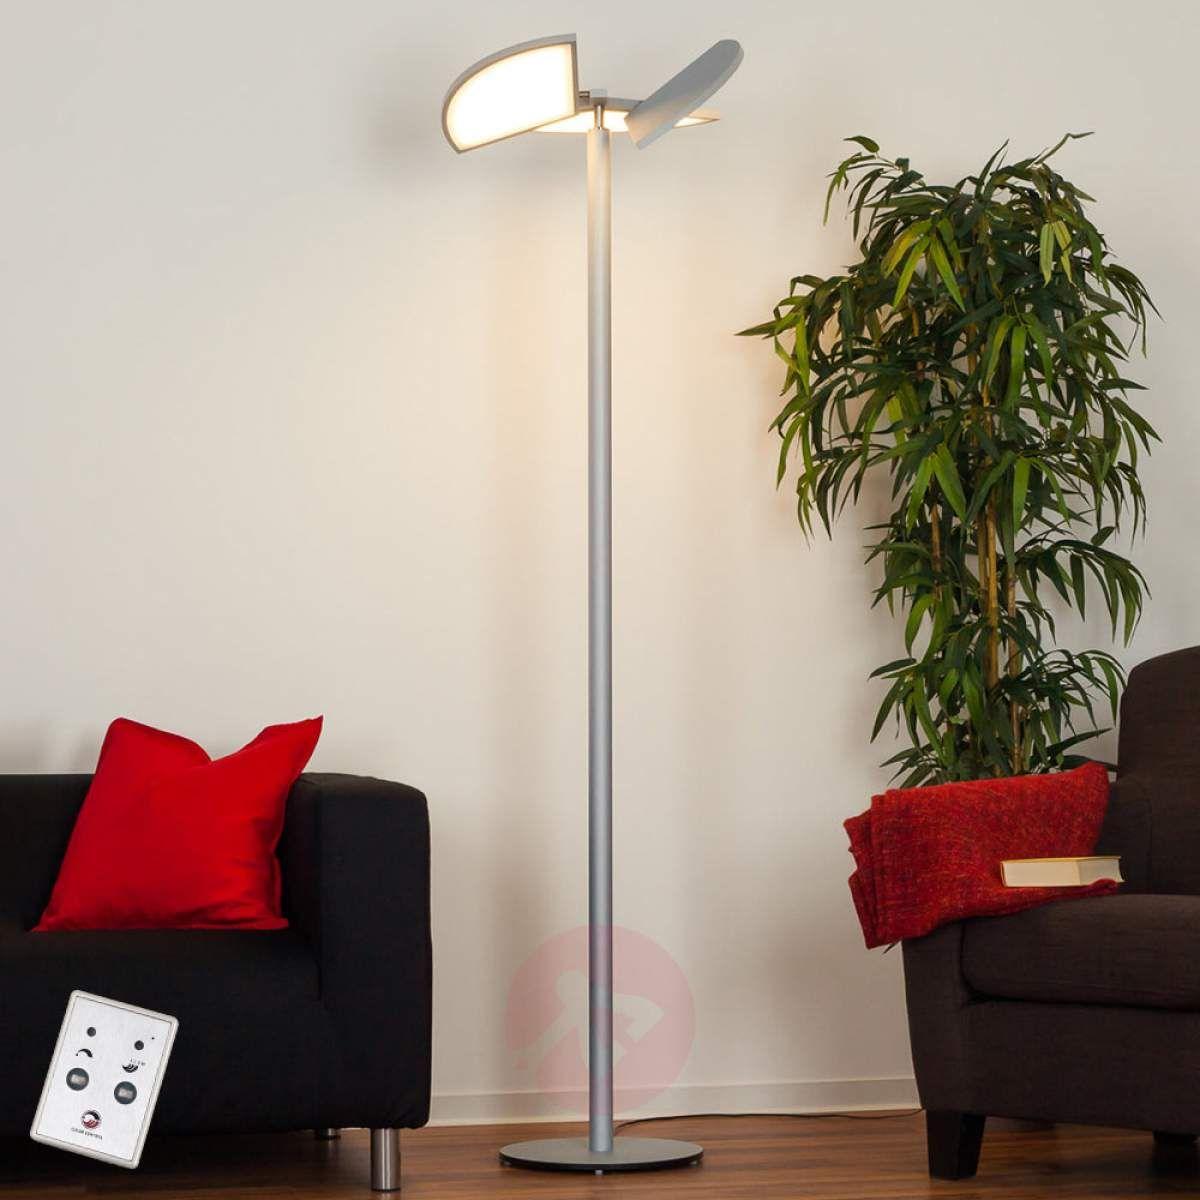 Aurela Lampa Stojąca Led Z Obracanymi Elementami Lampy